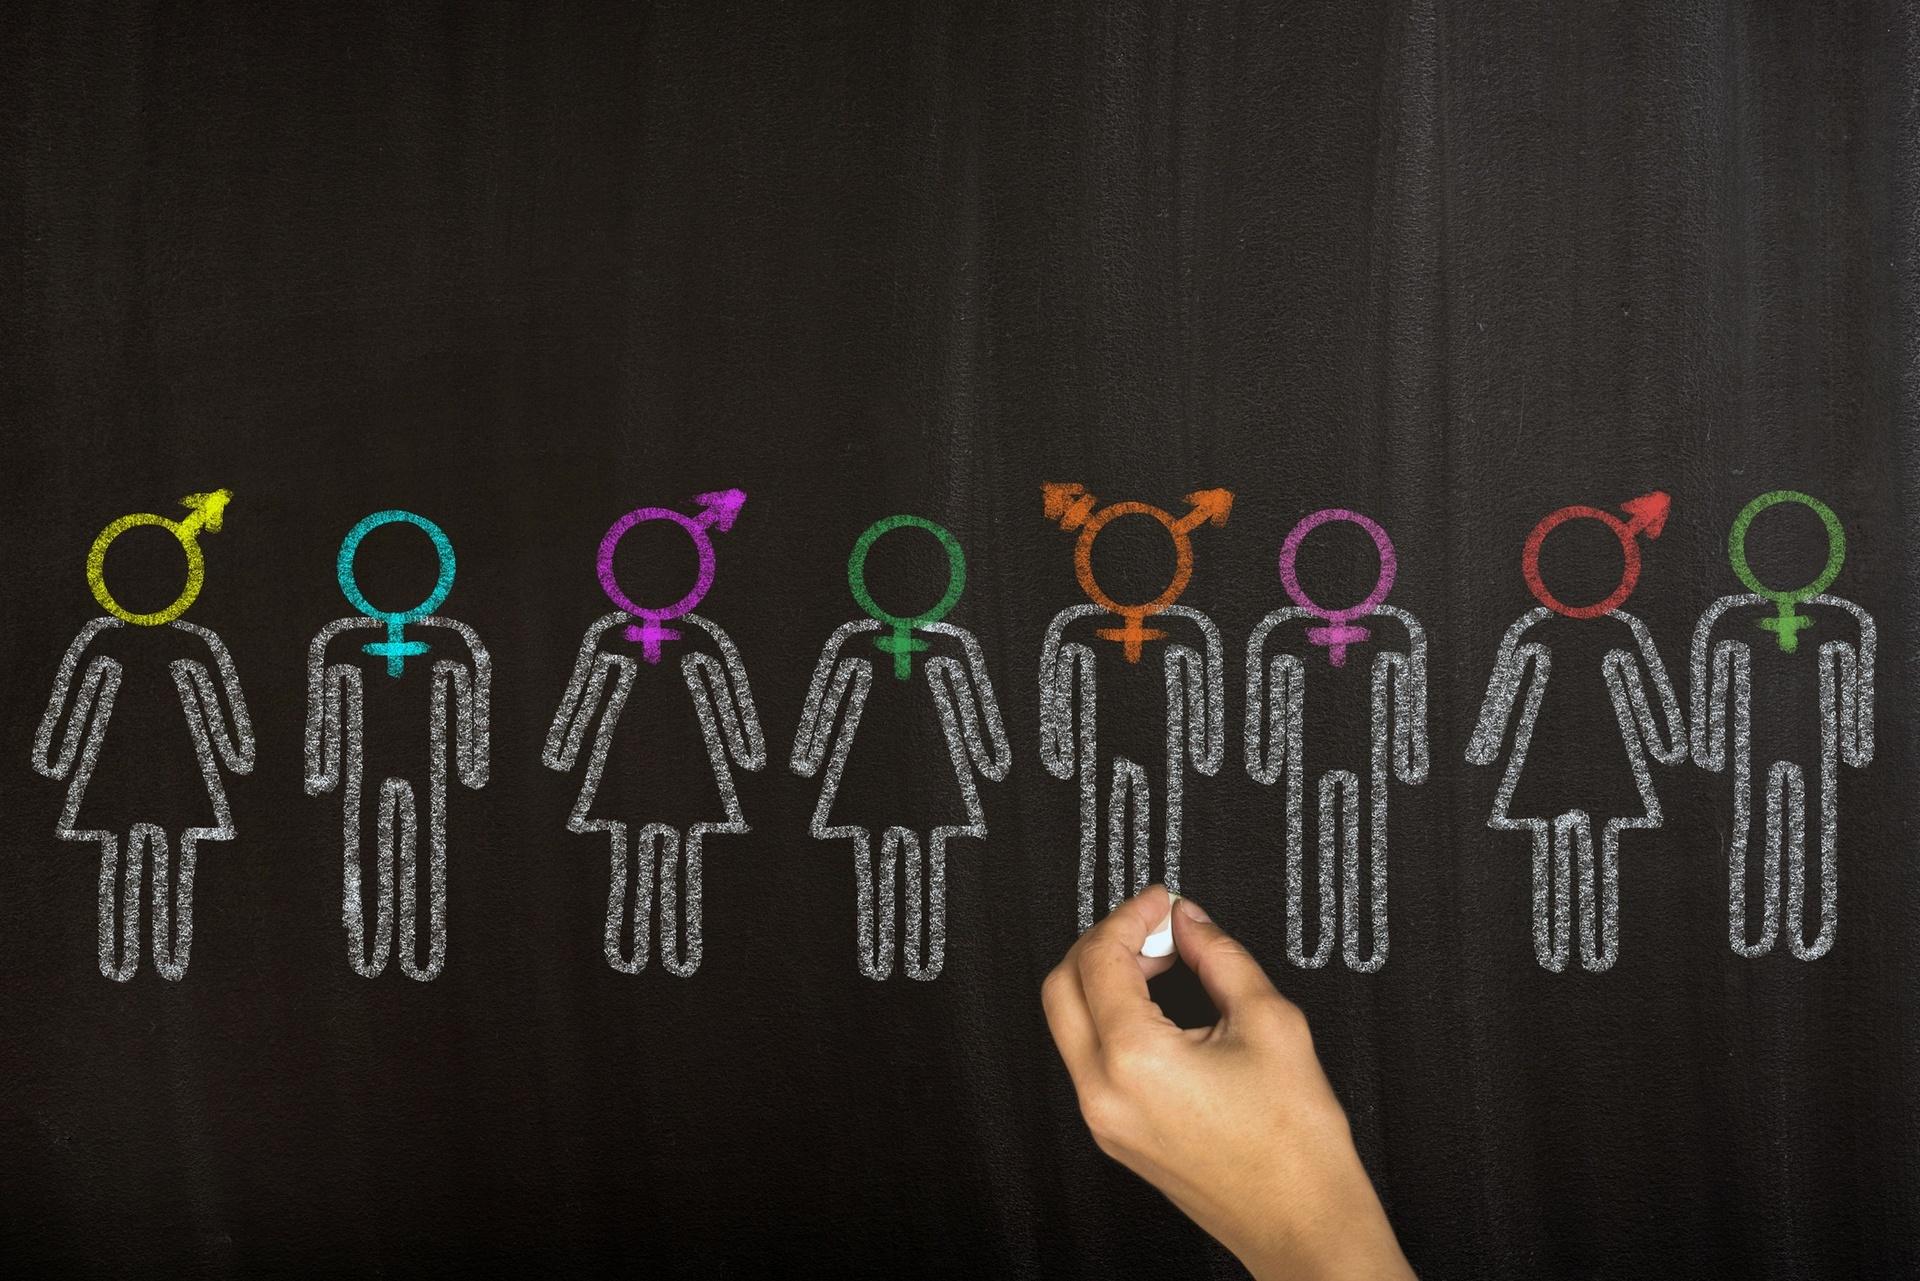 Lei permite que alemães se identifiquem como pessoas do terceiro gênero